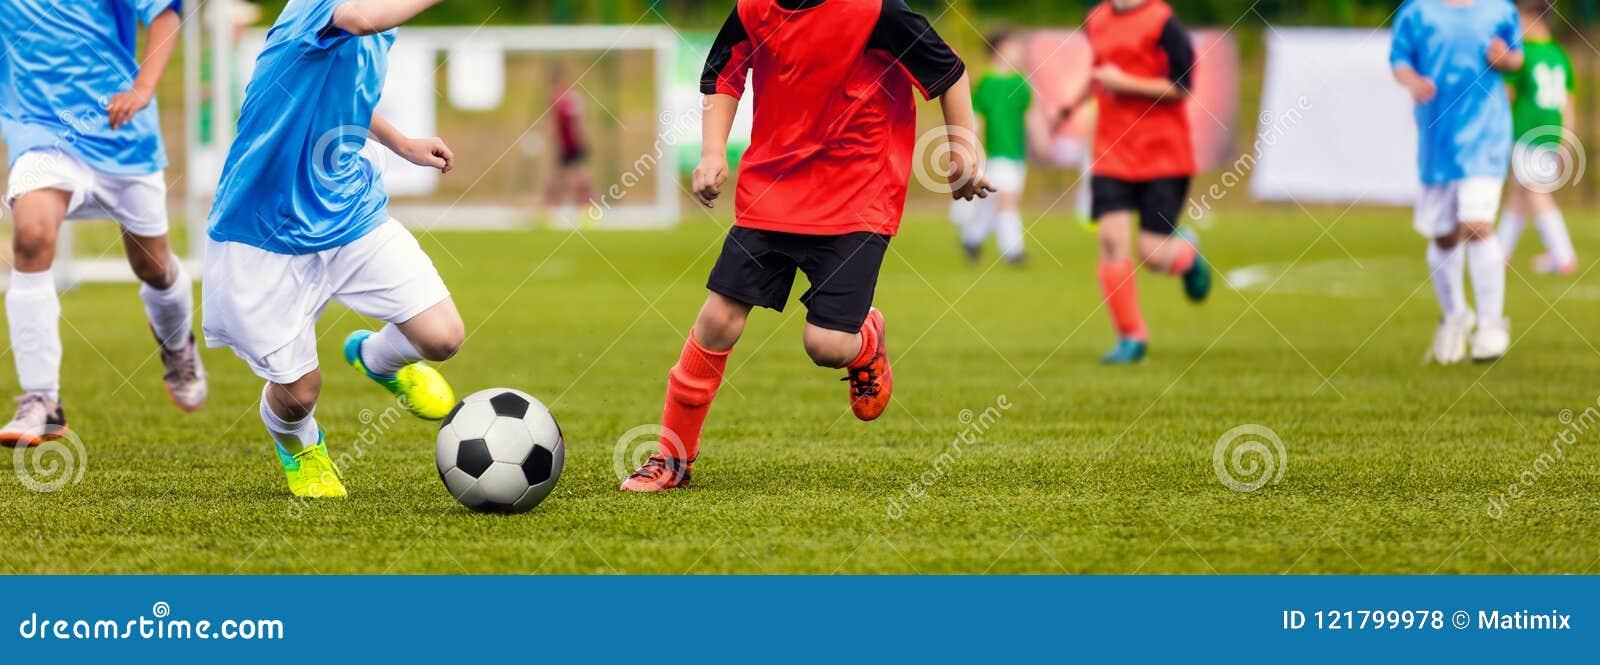 Unga Junior Football Match Spelare som kör och sparkar Footbal